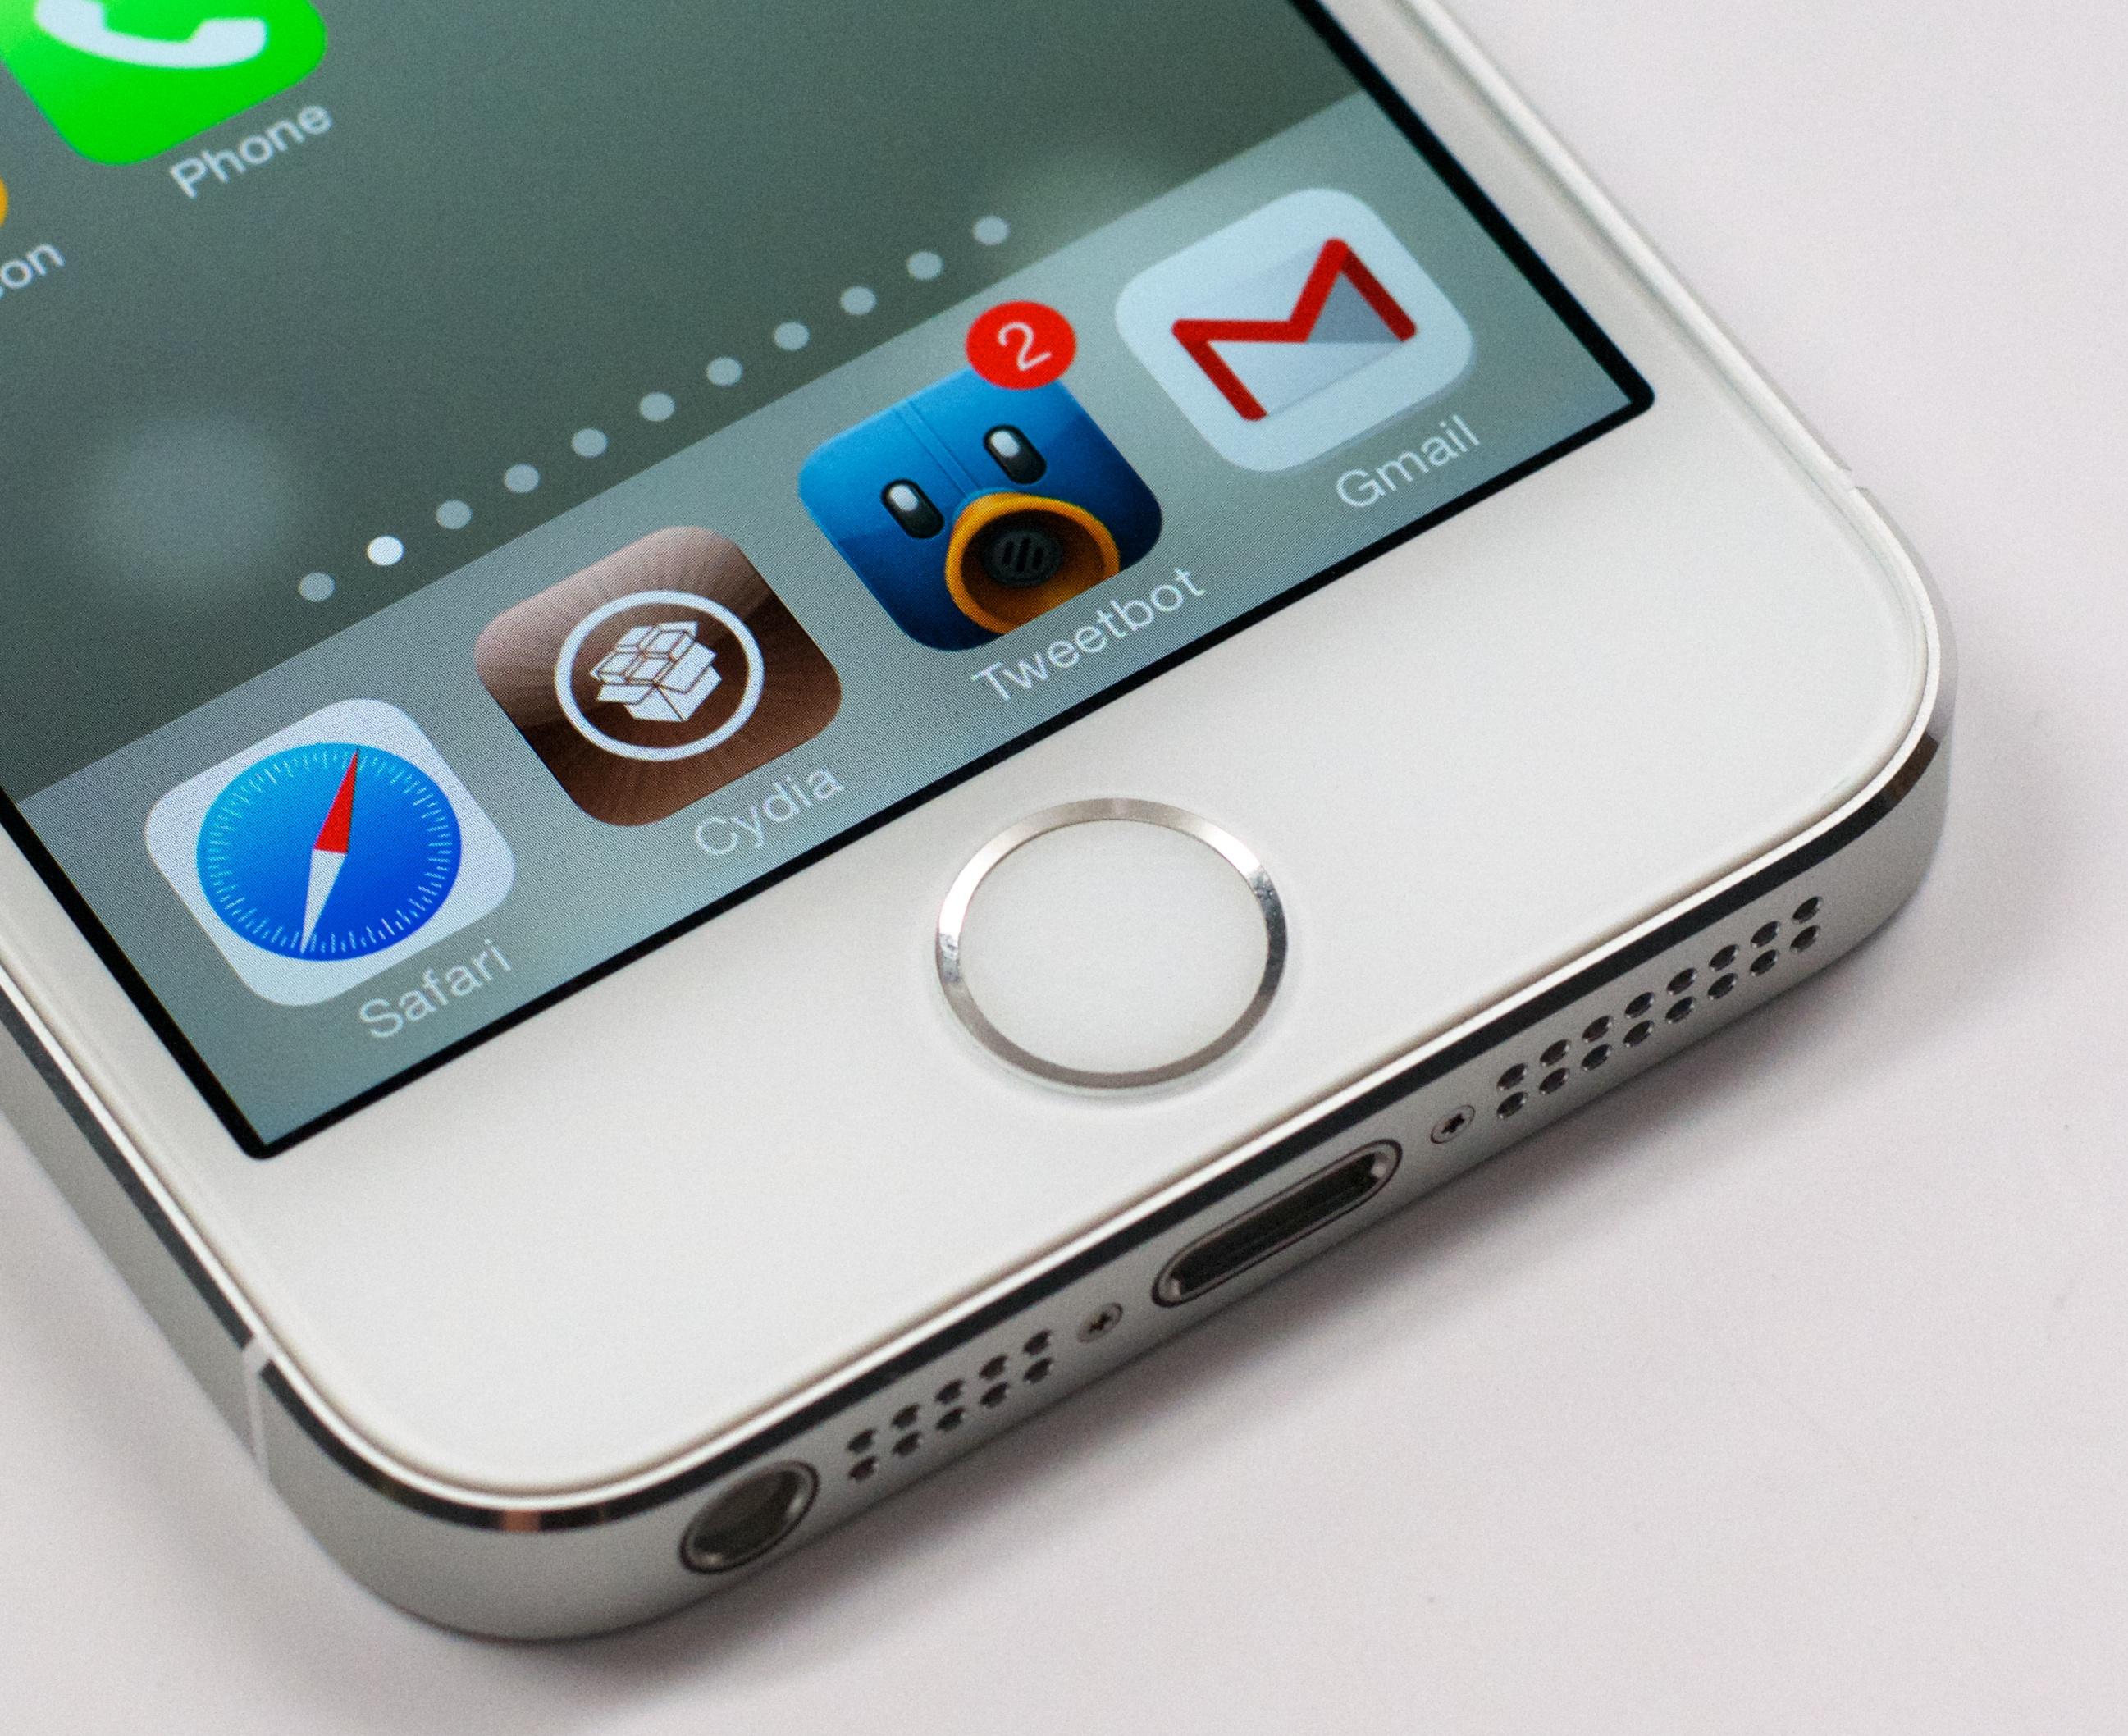 IOS 7 -jailbreaken är möjlig på iPhone 4, men den är bunden och har inte tillgång till Cydia.